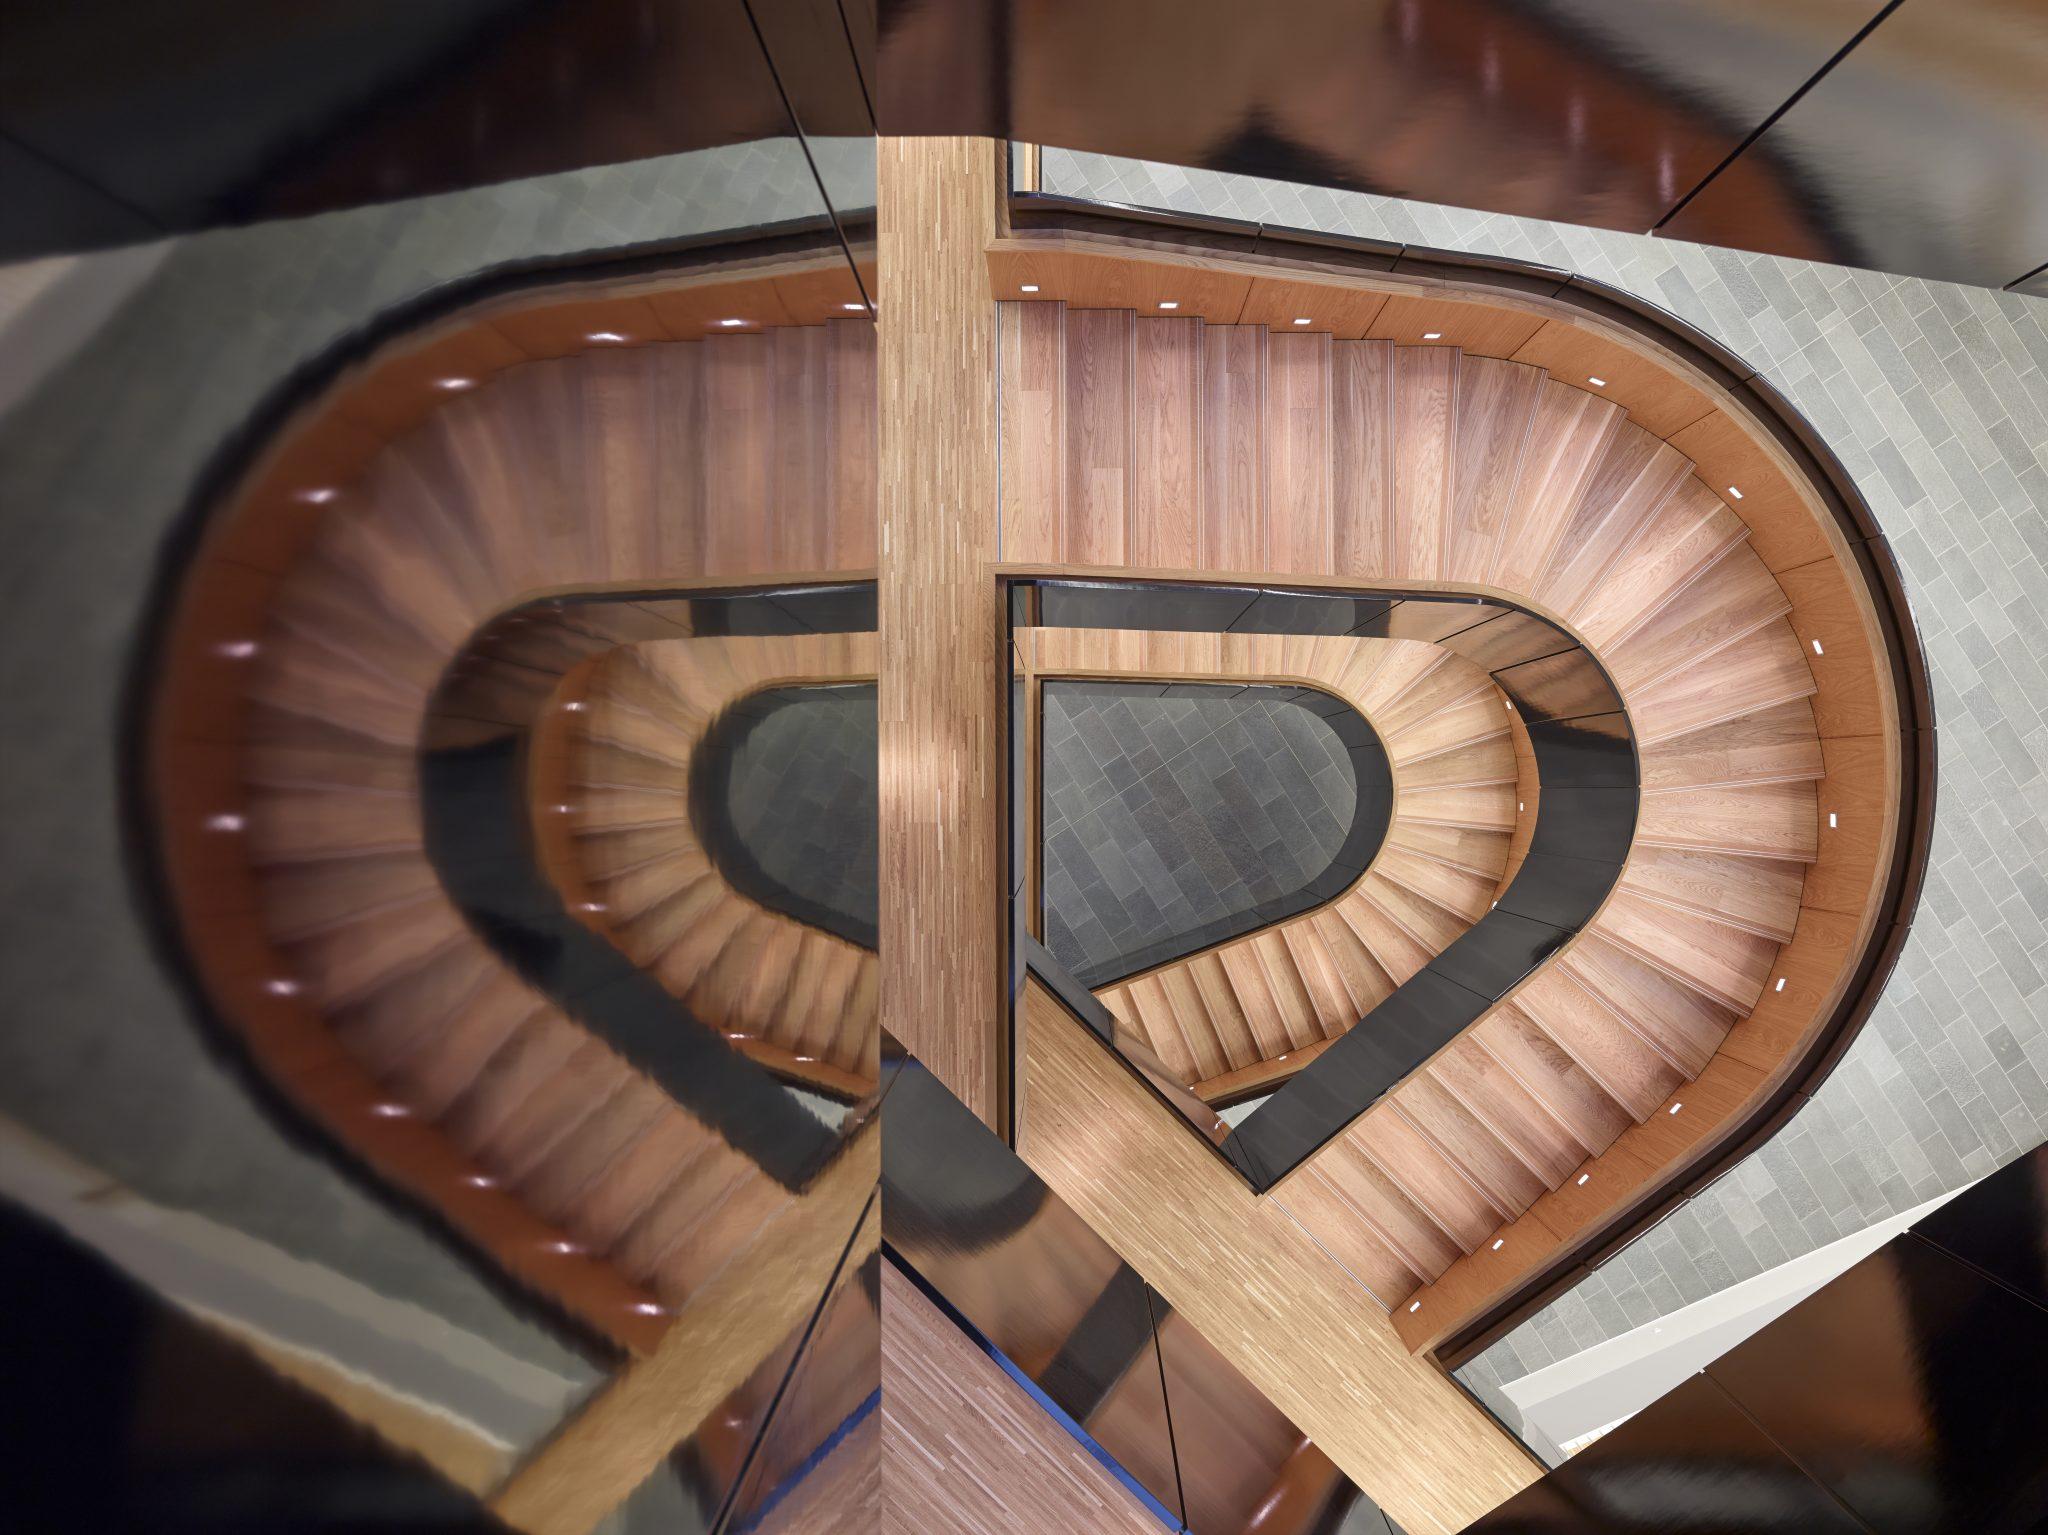 Trappen er et skulpturelt mødested